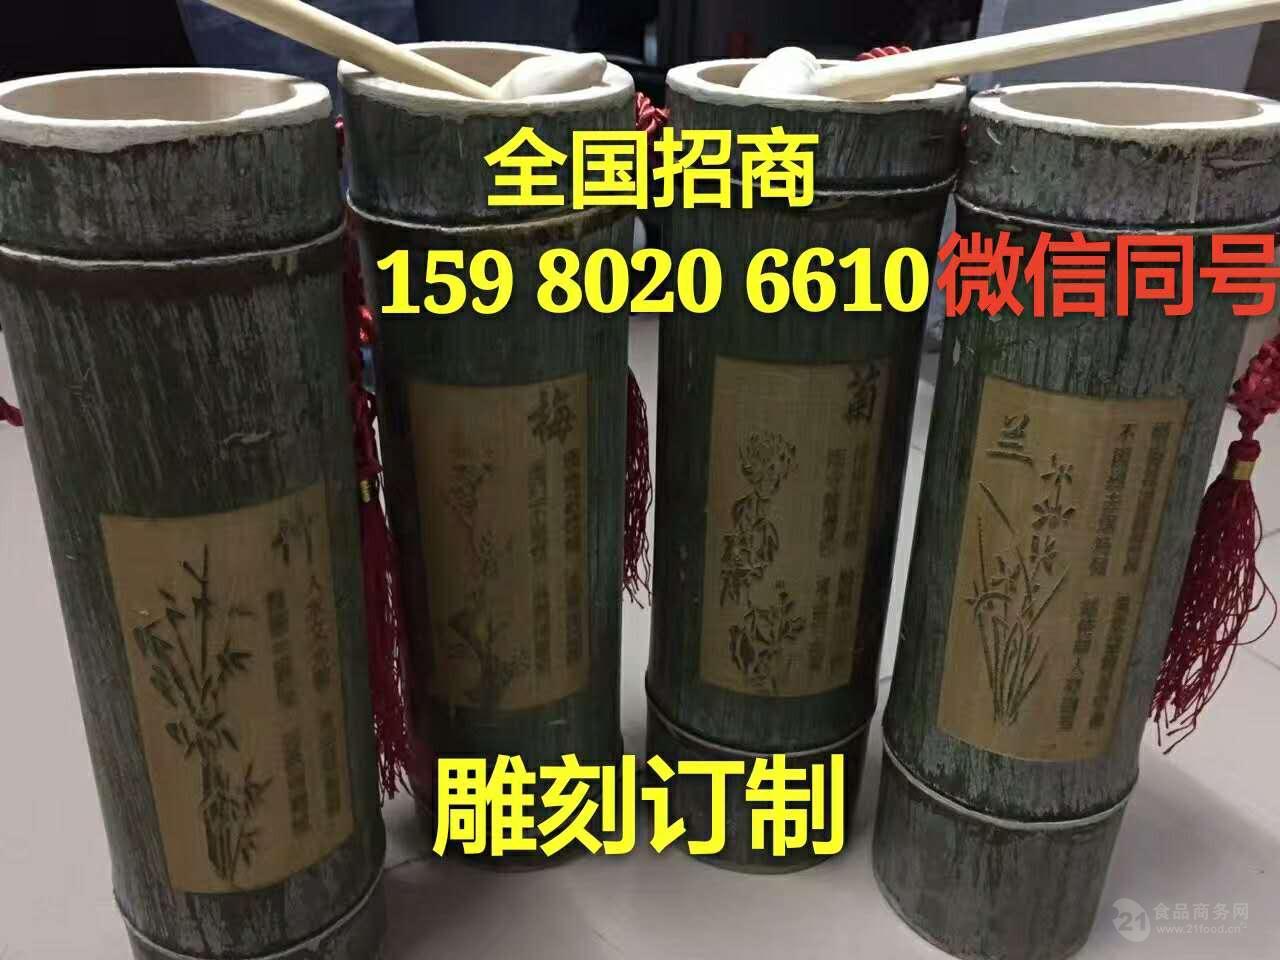 君竹酒,厂家招商批发,原生态500毫升高品质,三年酿造醉竹酒